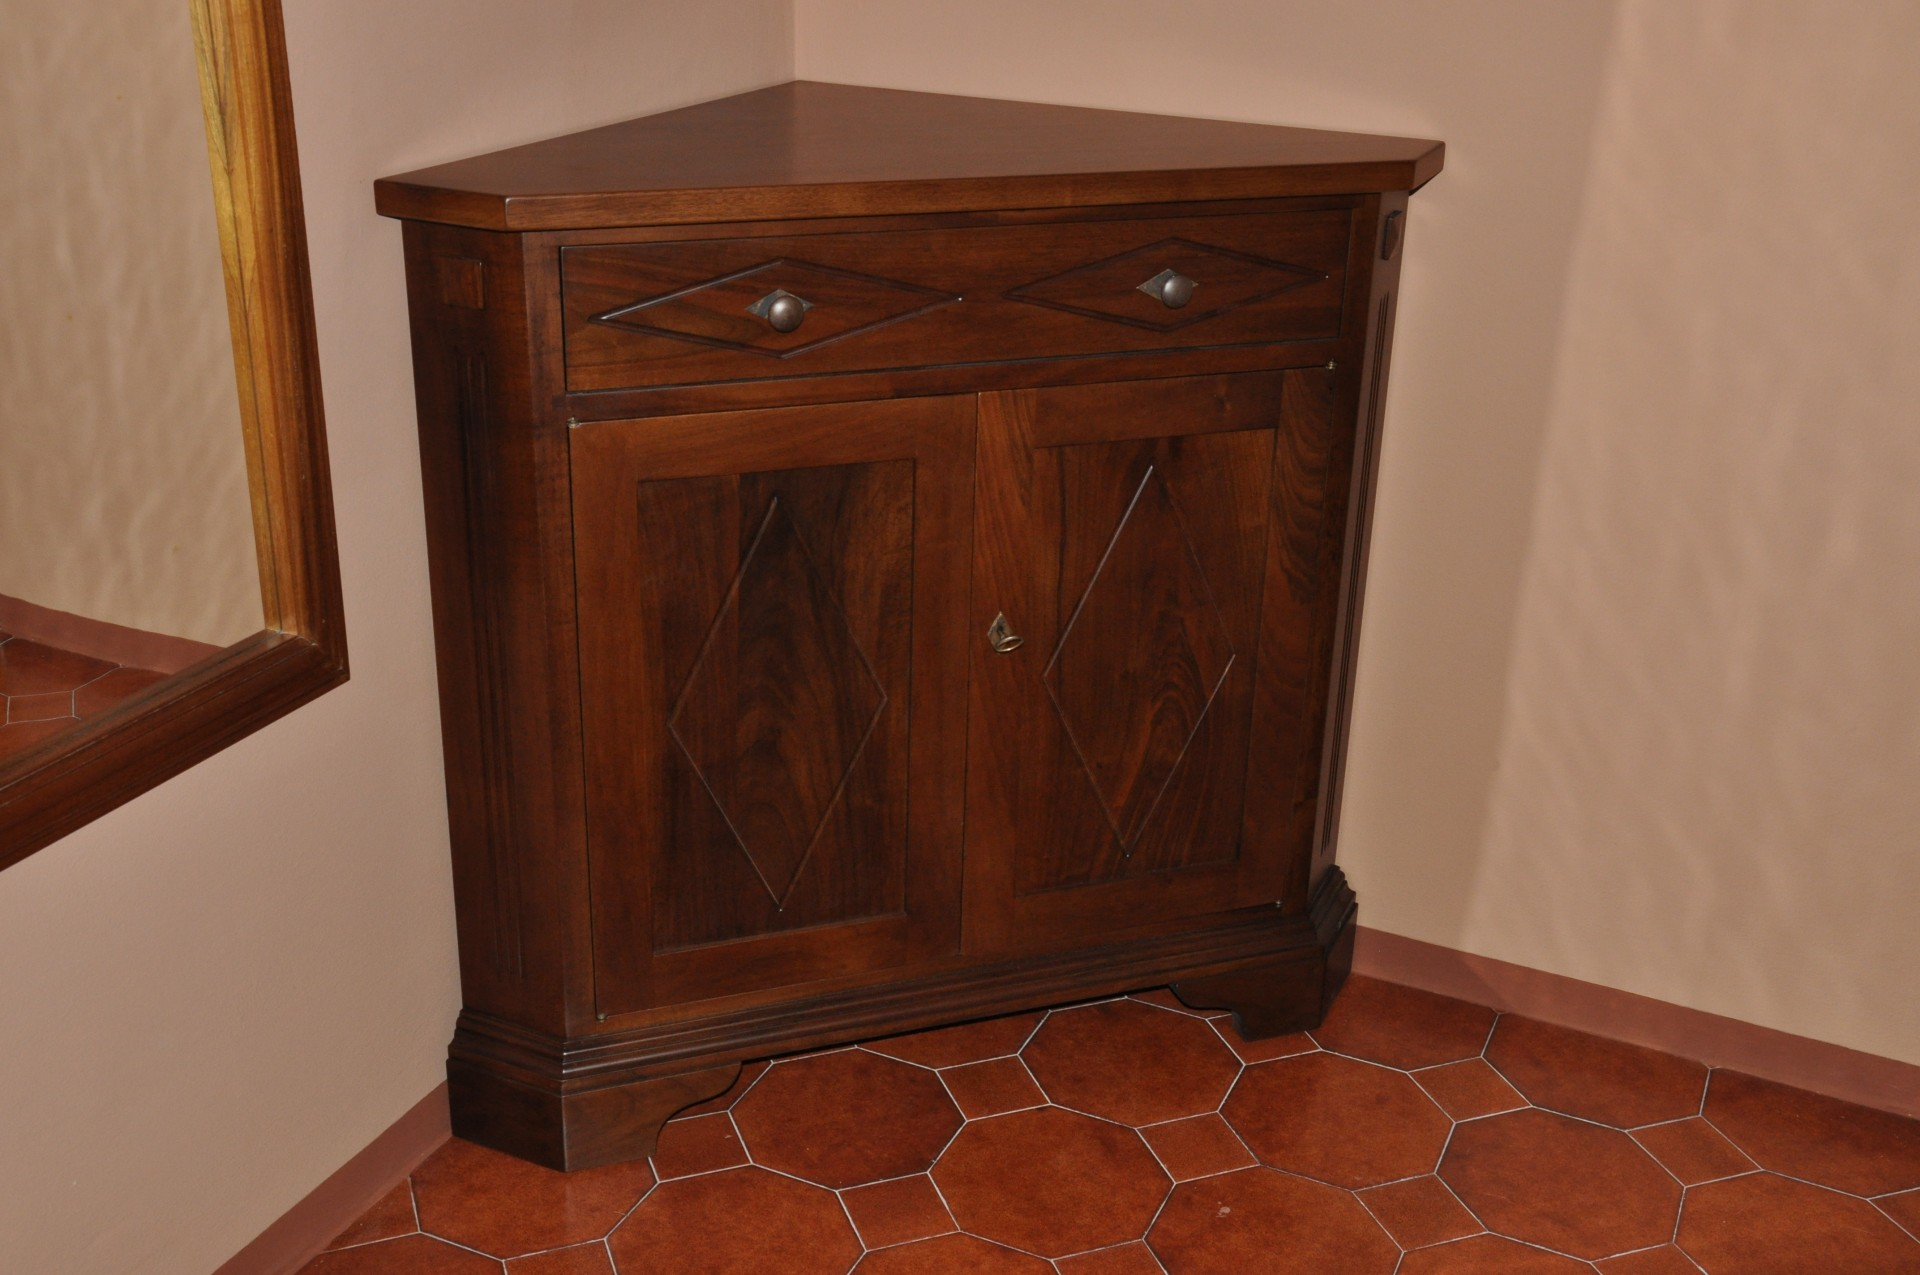 Credenza Angolo Ikea : Mobili in legno per sala fadini cerea verona